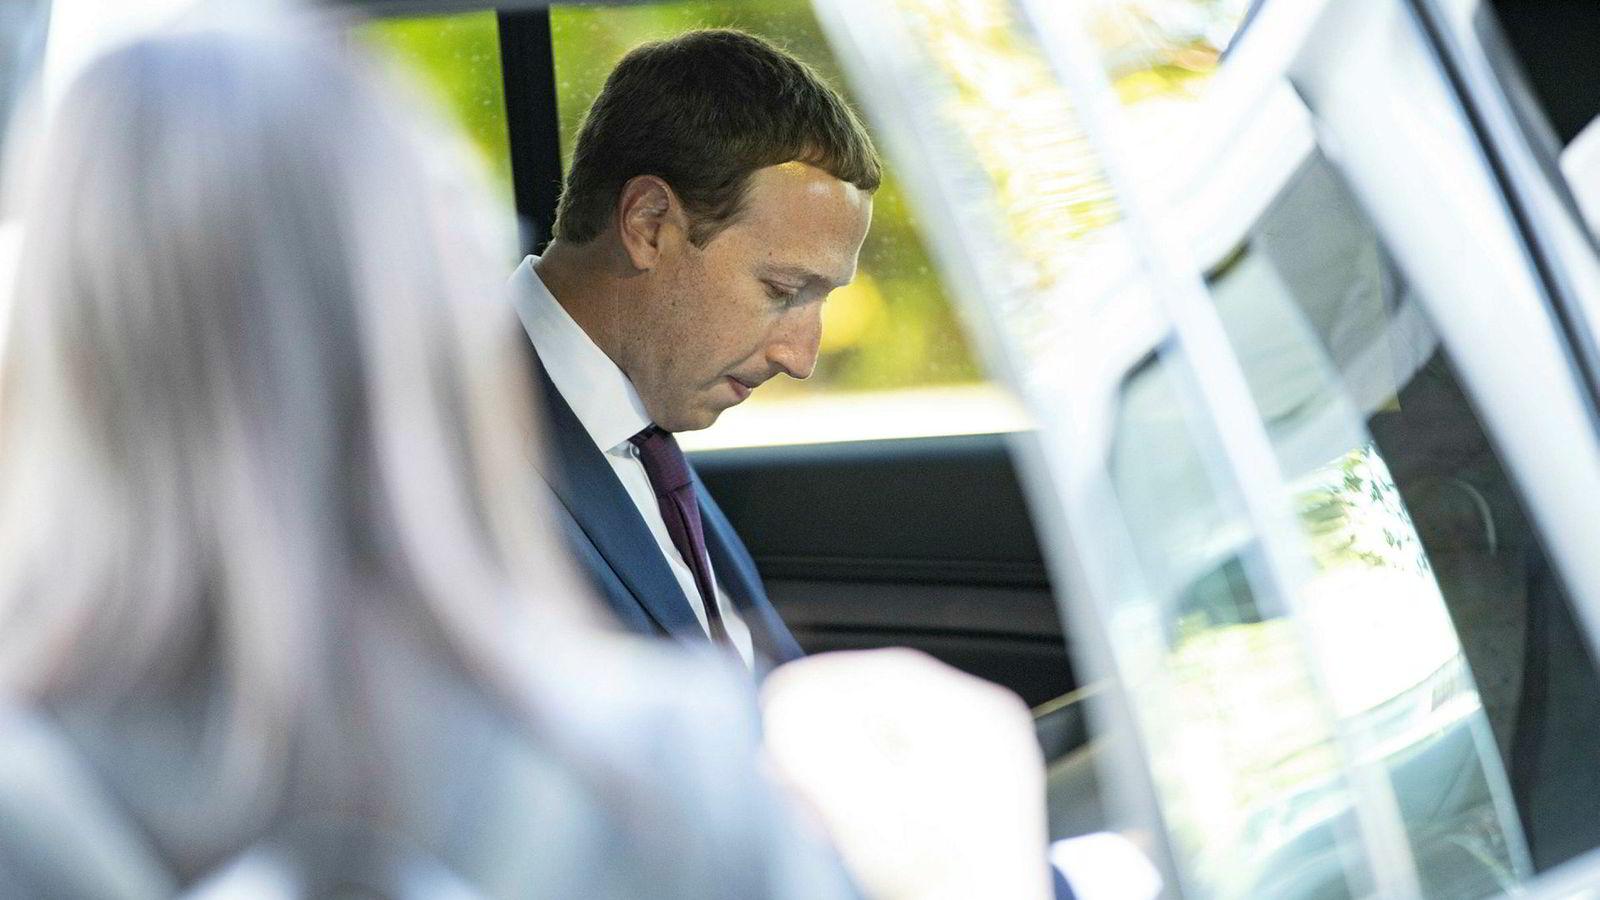 Facebook og toppsjef Mark Zuckerberg har kjøpt oppstartsselskapet CTRL-labs. Prisen på rundt en milliard dollar er den samme som Facebook i sin tid betalte for Instagram, som er blitt en stor suksess.